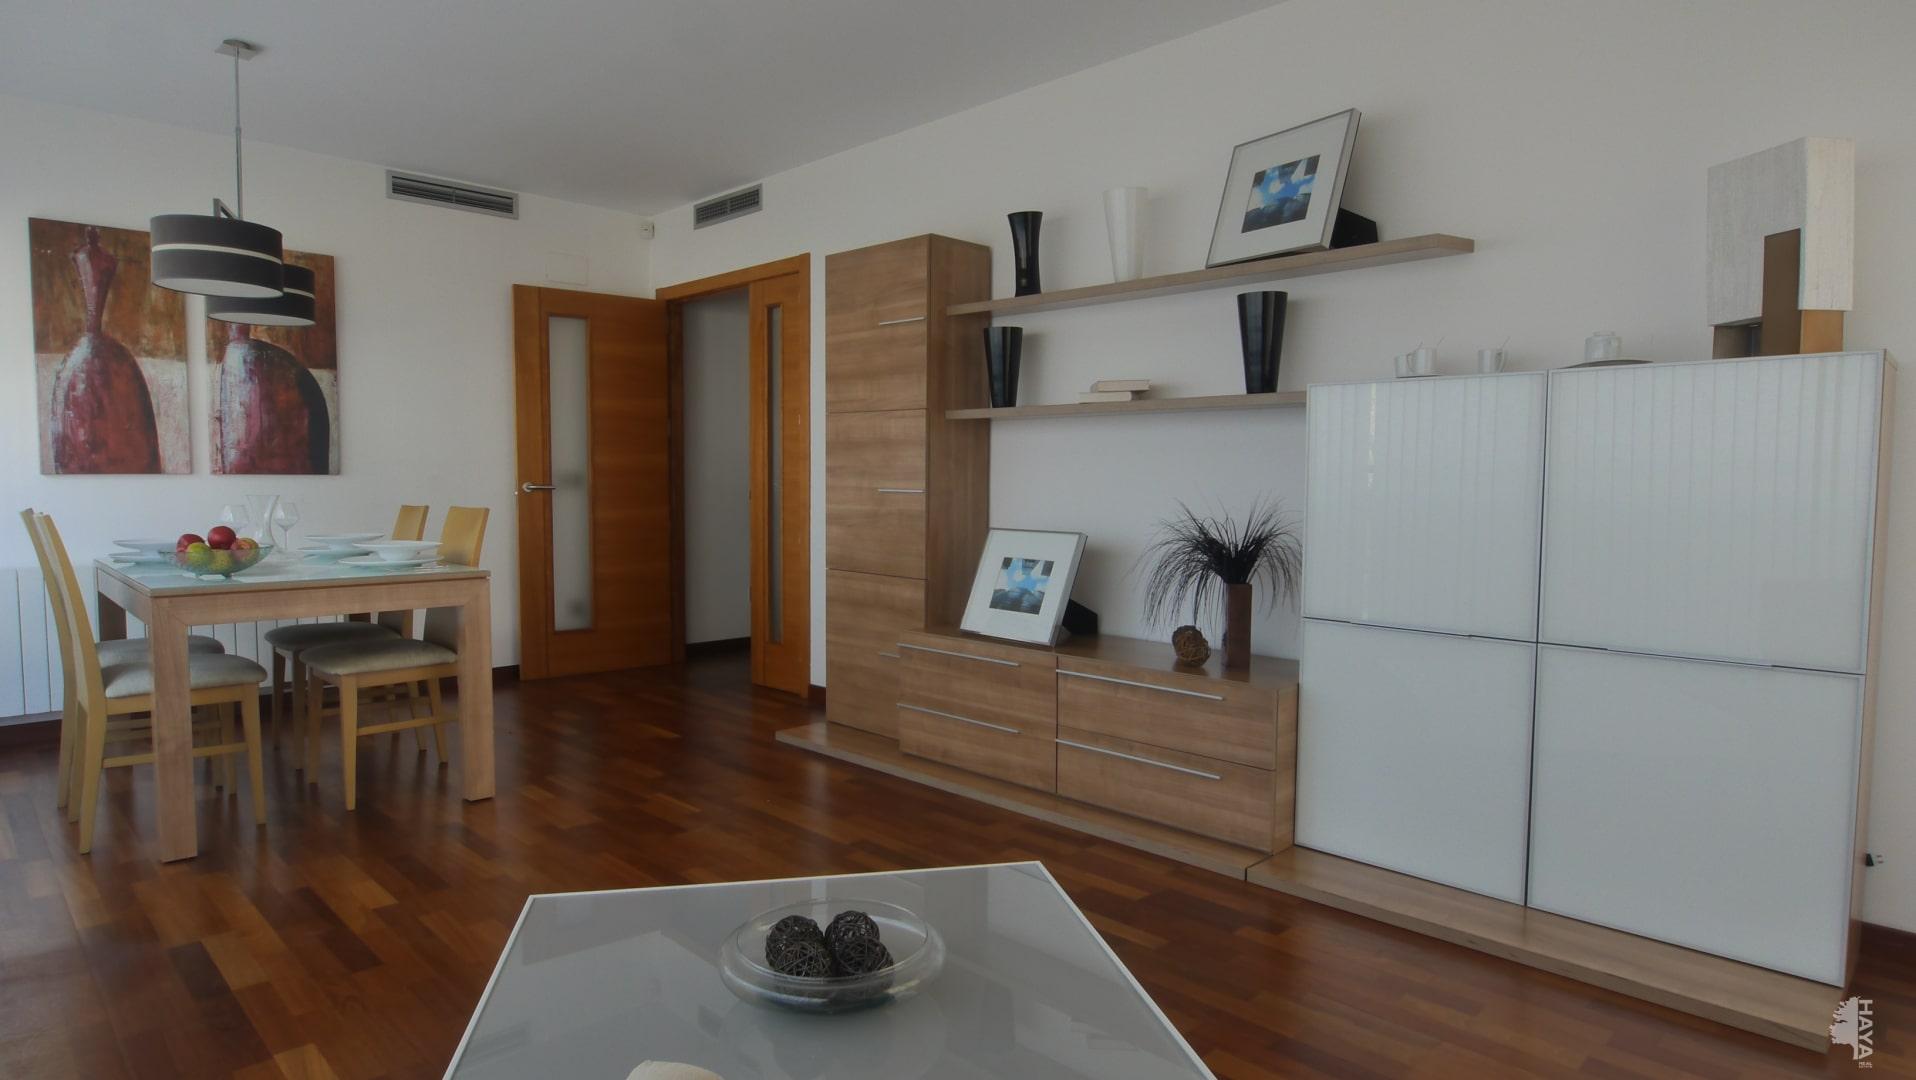 Piso en venta en Castellón de la Plana/castelló de la Plana, Castellón, Avenida Villarreal, 95.000 €, 1 habitación, 1 baño, 52 m2